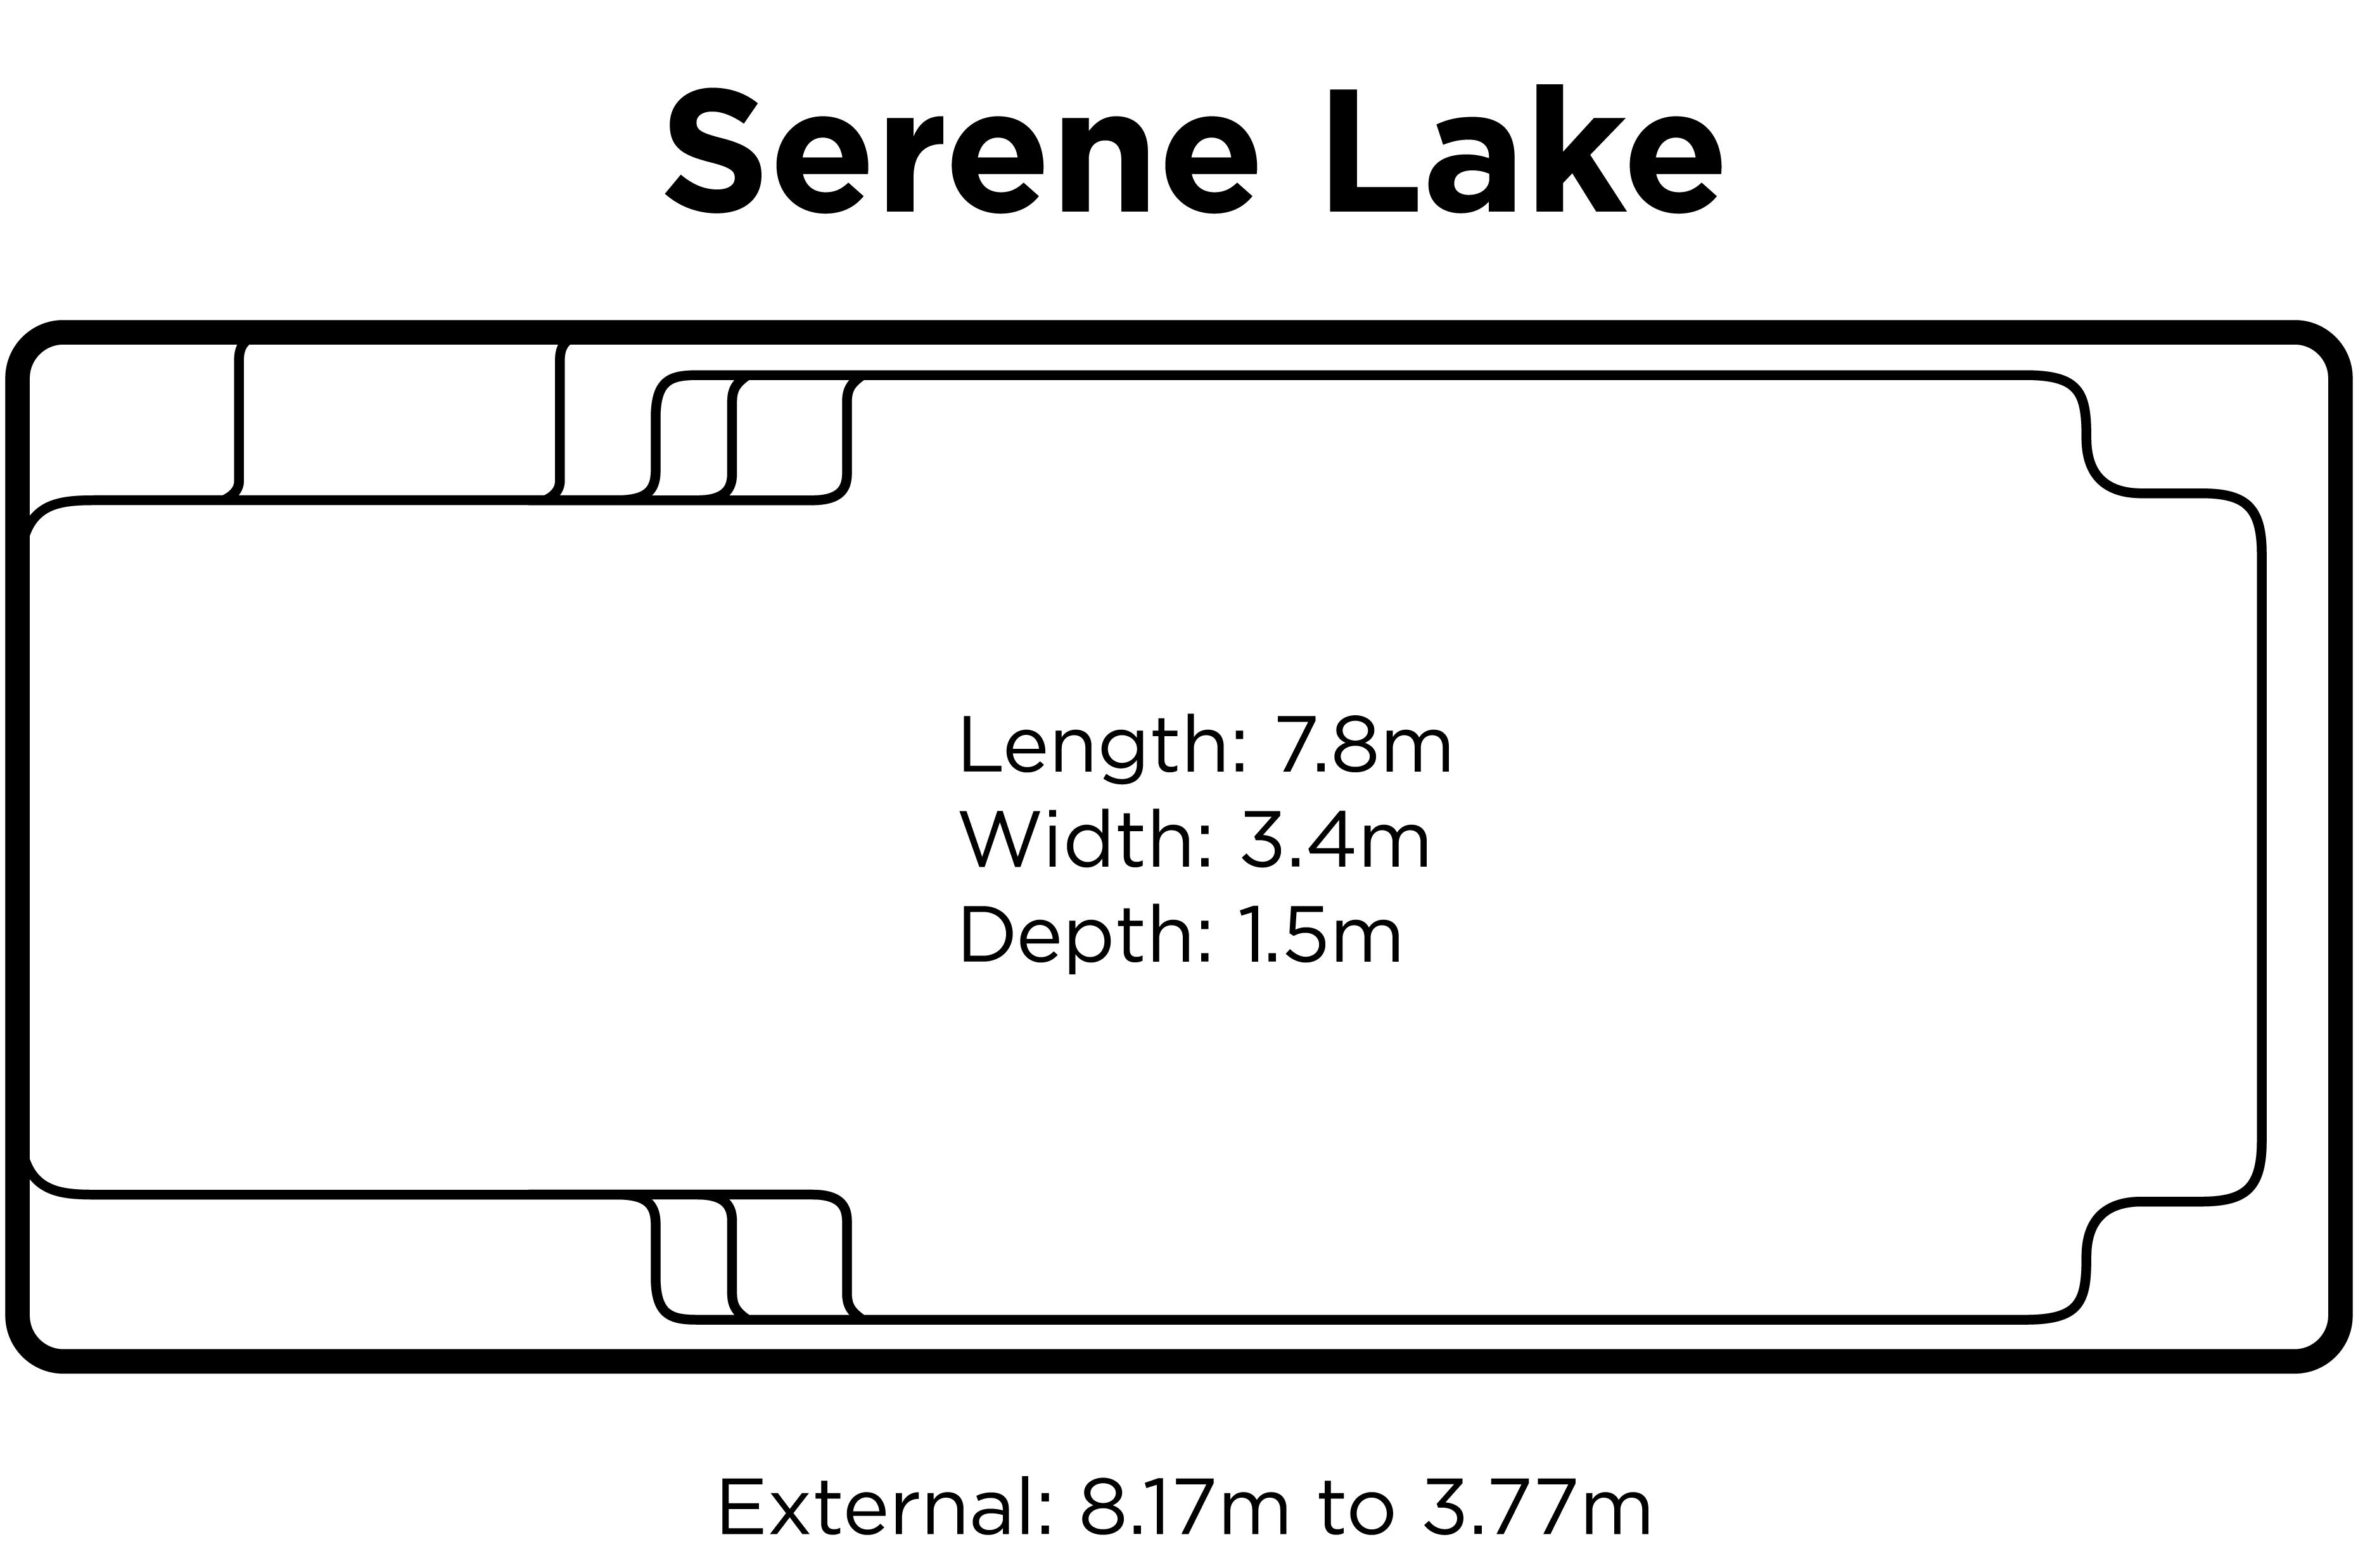 FINALSerene Lake